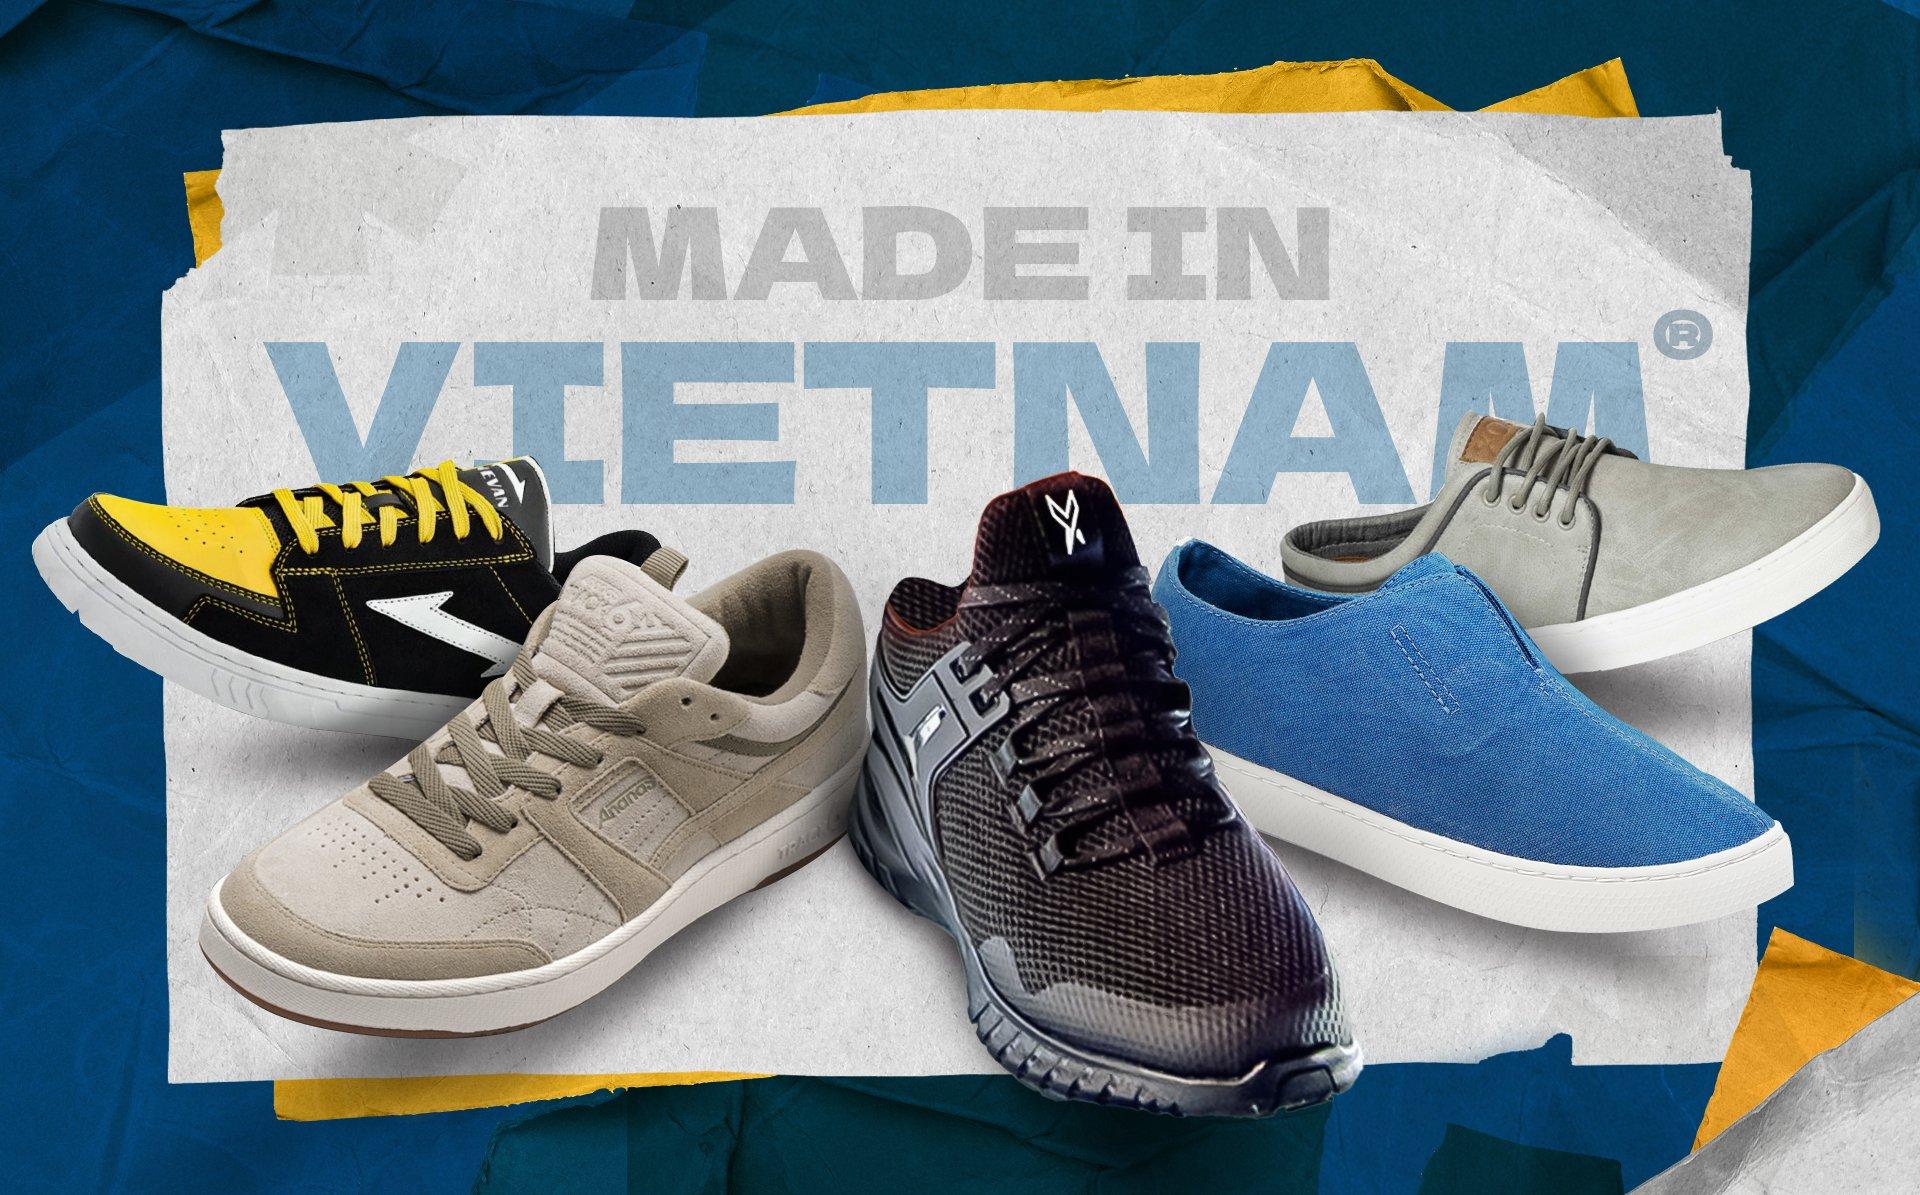 Mách gen Z top 5 thương hiệu sneaker Việt Nam có chất lượng